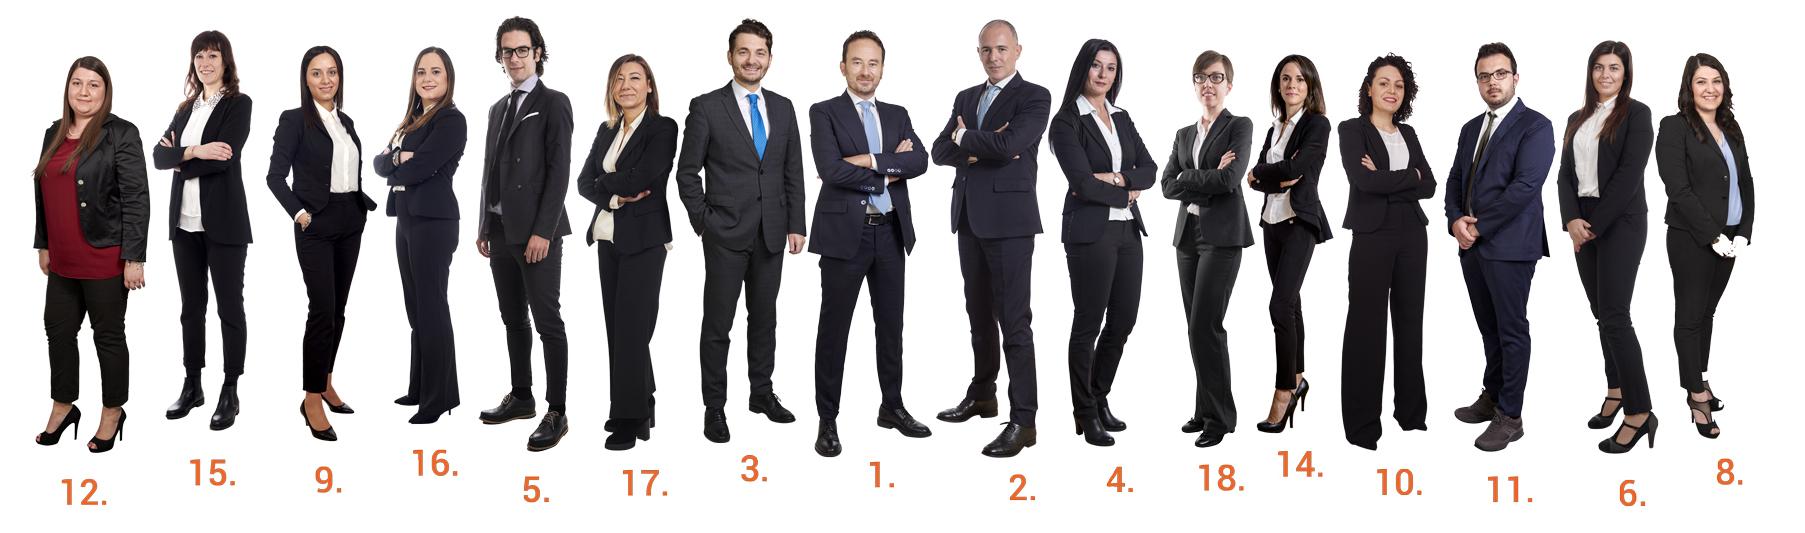 zeta-jobsandtax-team